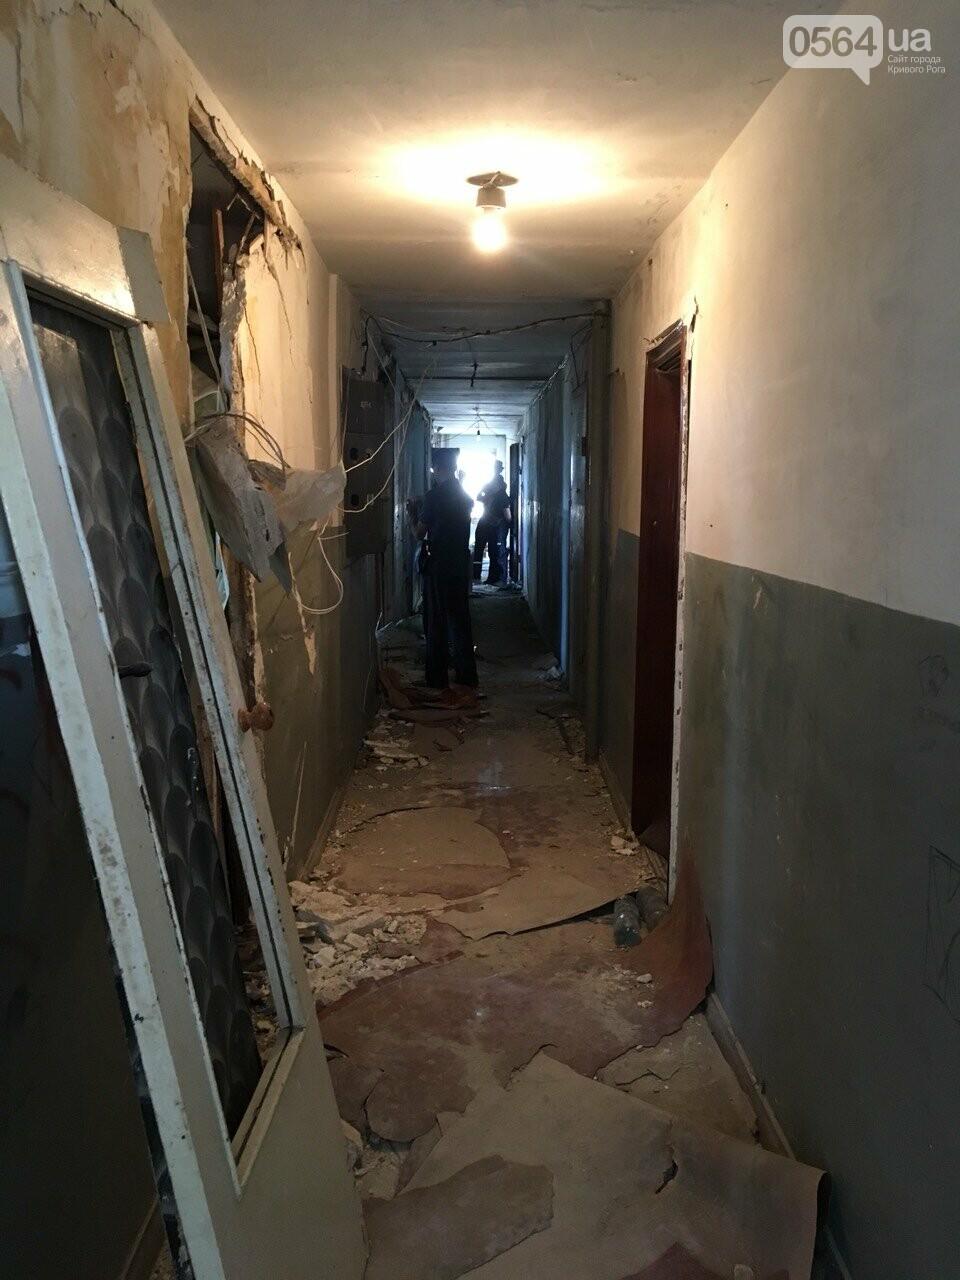 Криворожанам, пострадавшим от взрыва в малосемейке, выделили из городского бюджета 101 тысячу, - ФОТО, фото-4